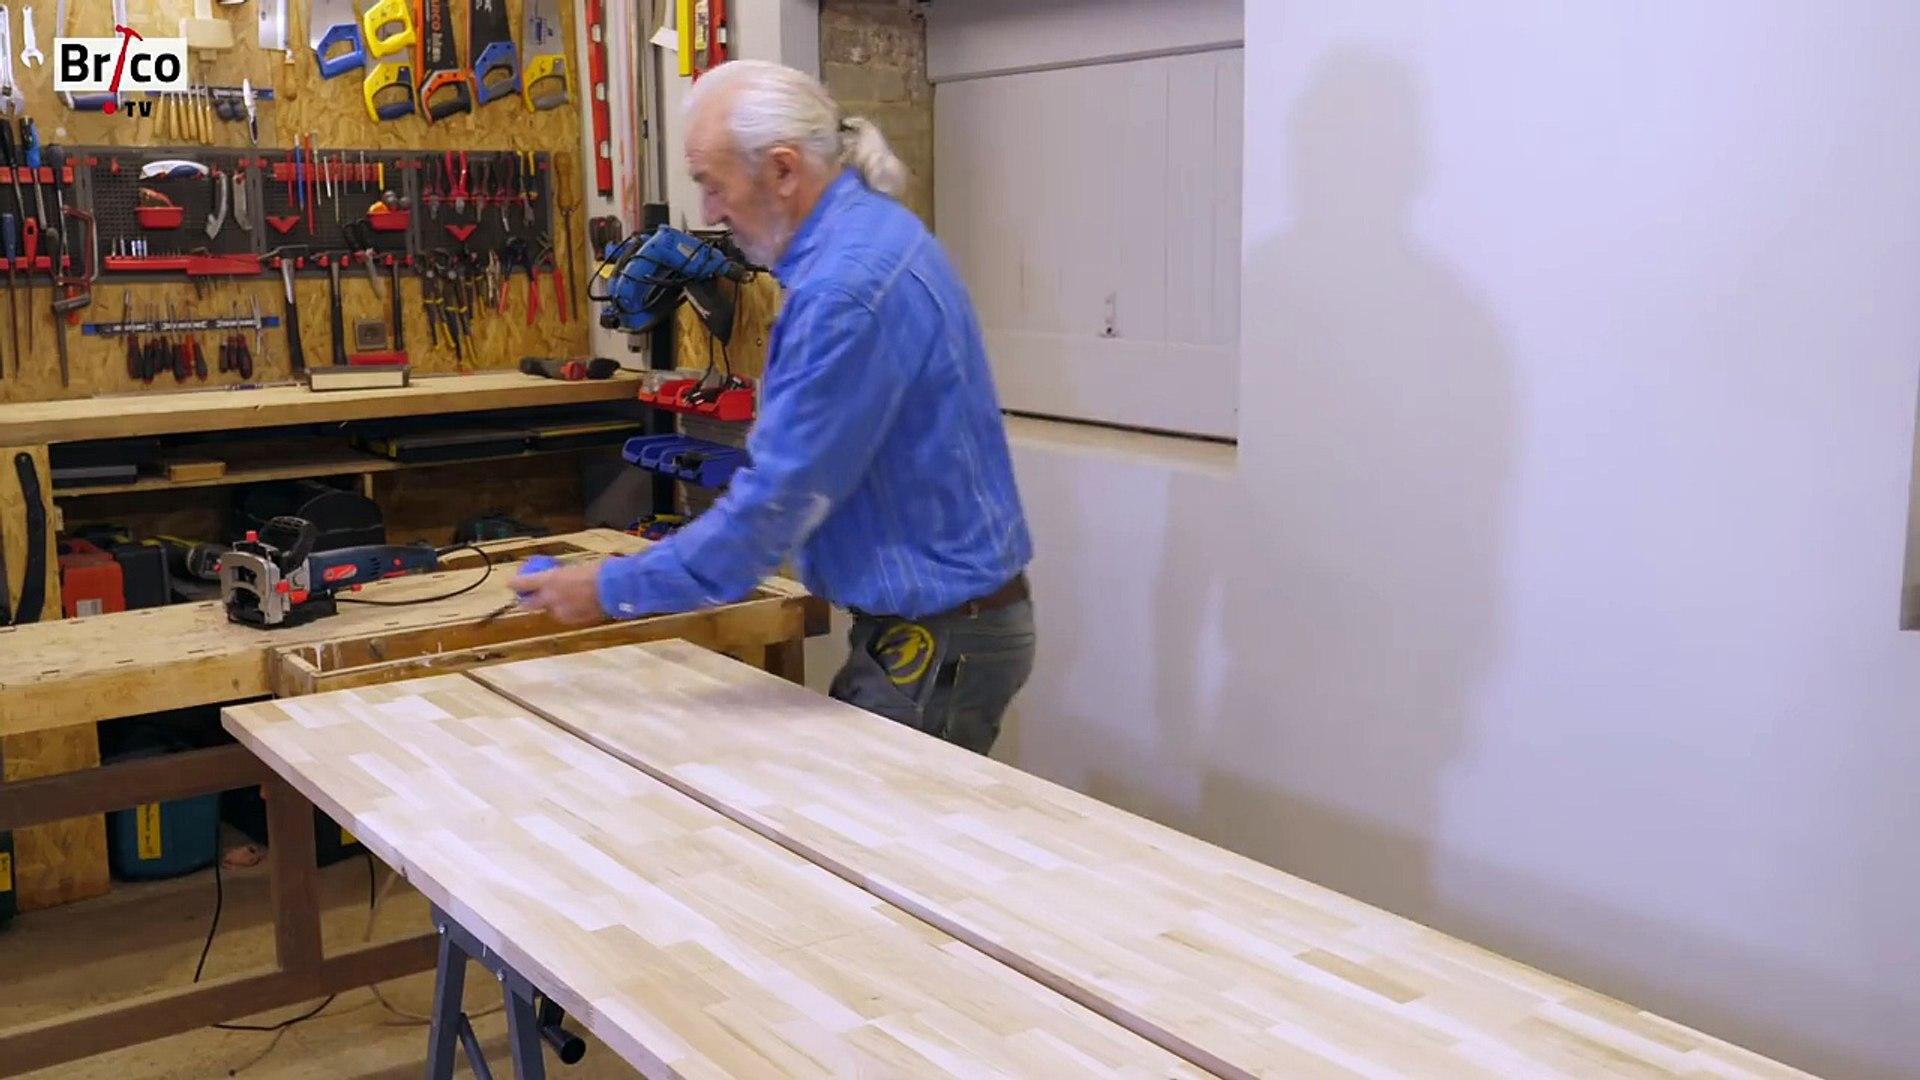 Comment Fabriquer Des Plinthes En Bois fabriquer un meuble en chêne avec des assemblages à lamelles - tuto brico  avec robert de menuiserie